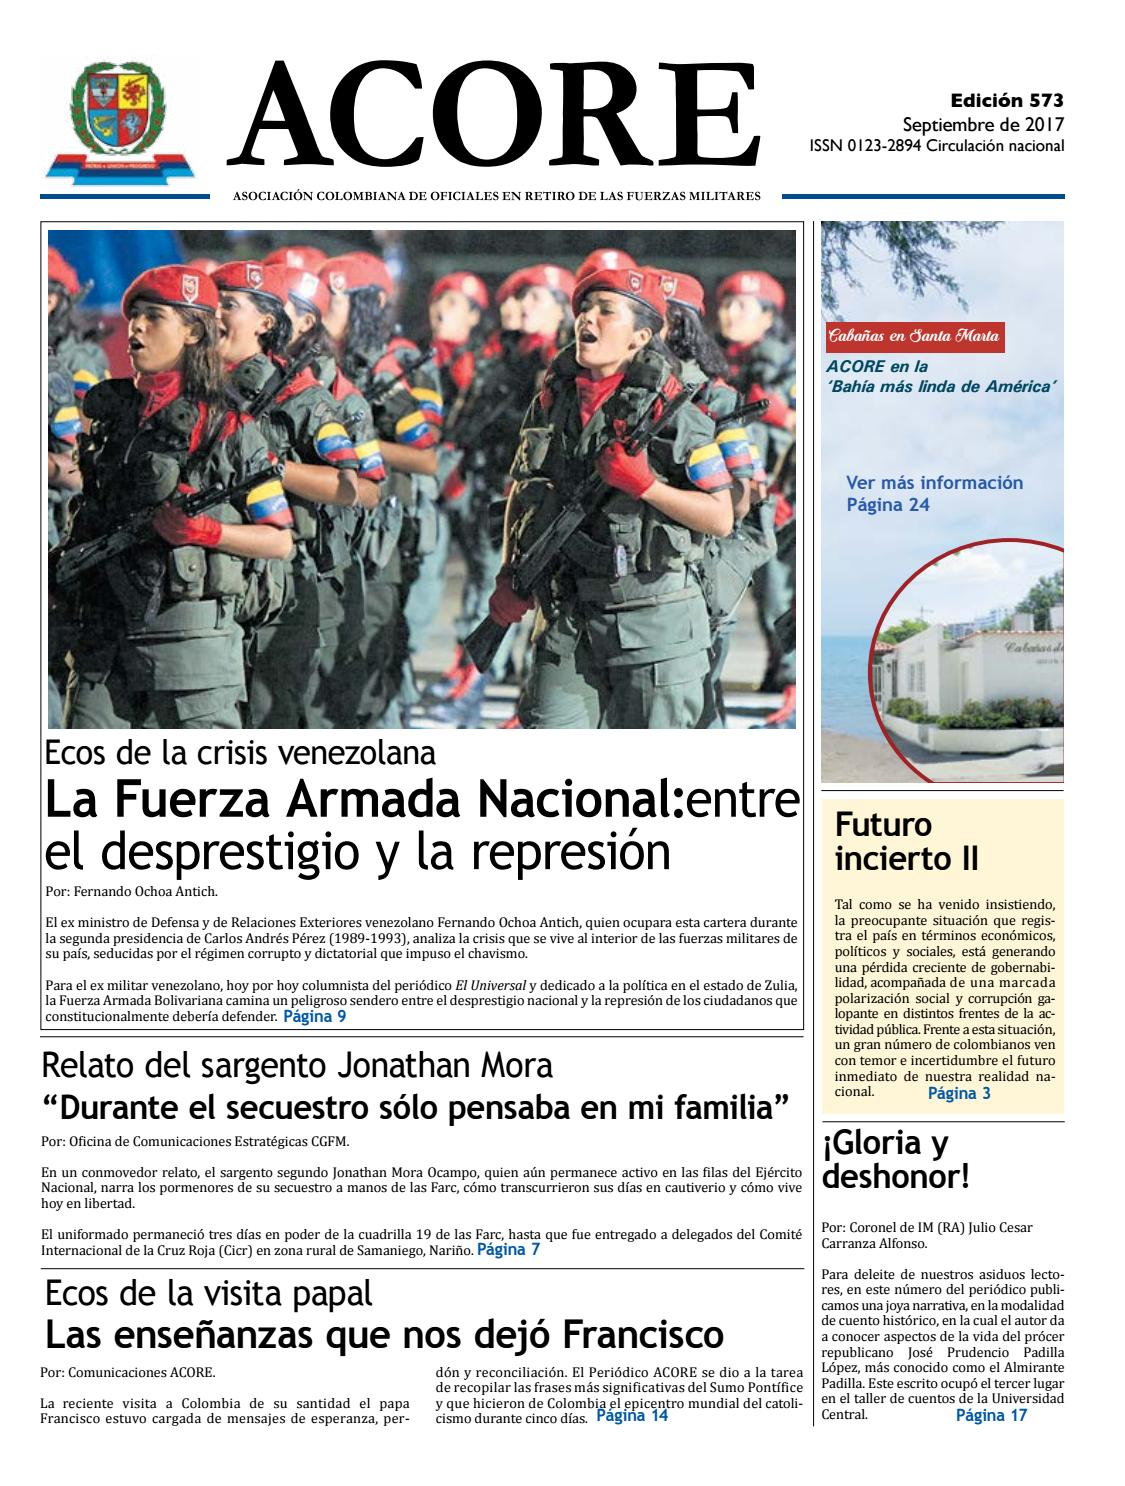 Periódico edición 573 diciembre 2017 by ACORE - issuu 85e671806ba